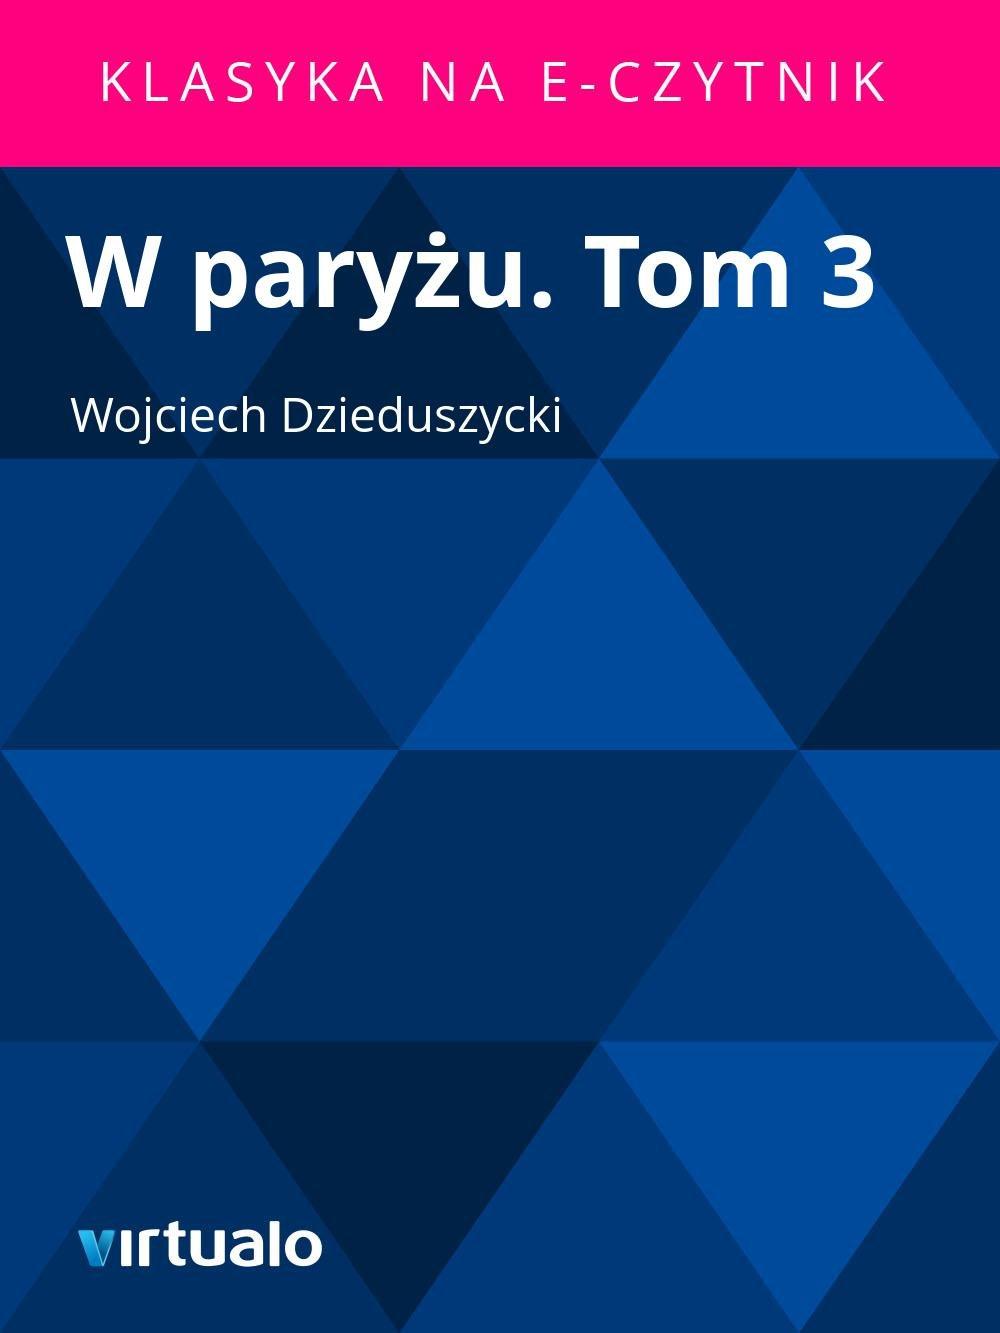 W paryżu. Tom 3 - Ebook (Książka EPUB) do pobrania w formacie EPUB